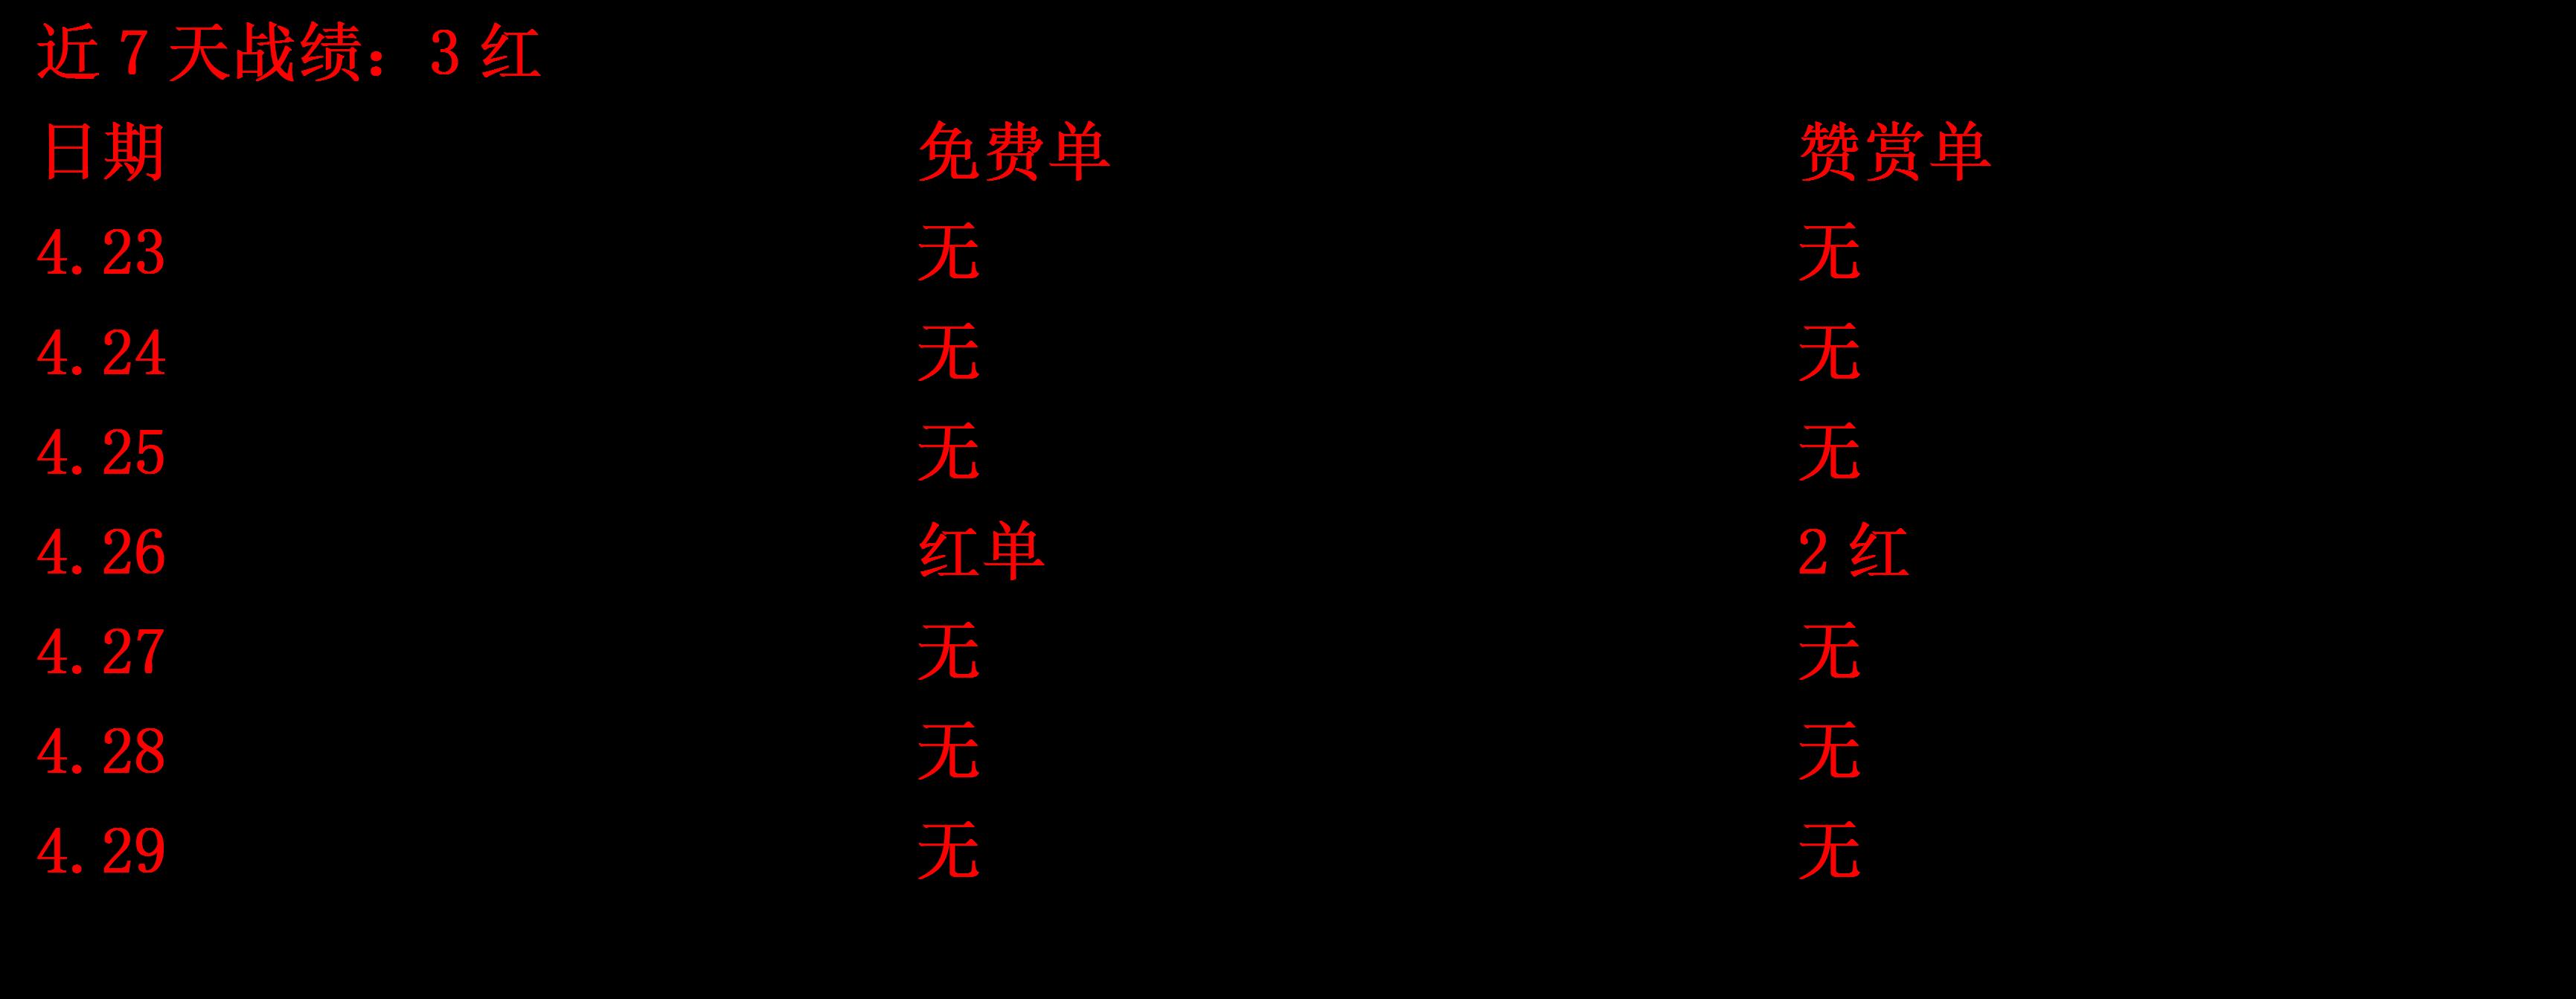 6日下午,本次活动开幕仪式在上海高点娱乐城如期举行。市体育局和市体育总会领导以及北京星牌集团副总裁范荣健,上海市台球协会副主席陈理明高点娱乐城有几家,北京.而近日,阿根廷传奇萨内蒂接受了FIFA官网采访时表示阿根廷还是挺有希望夺冠的。 11月29日16:14 北京时间11月16日,南美洲第五名秘鲁在2018世界杯.